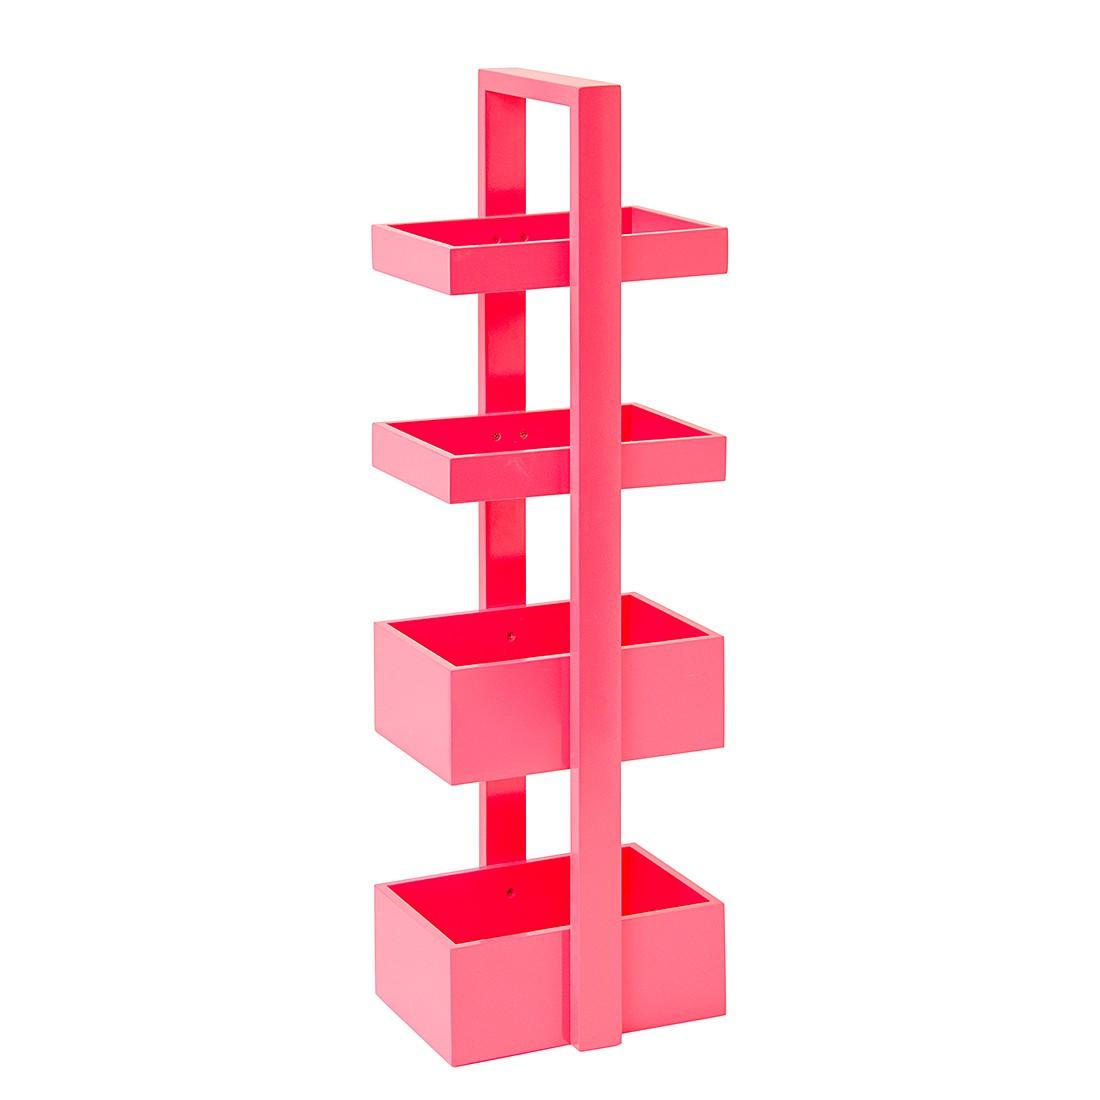 Badkamerrek Caddy - roze echt houten fineer, Wireworks